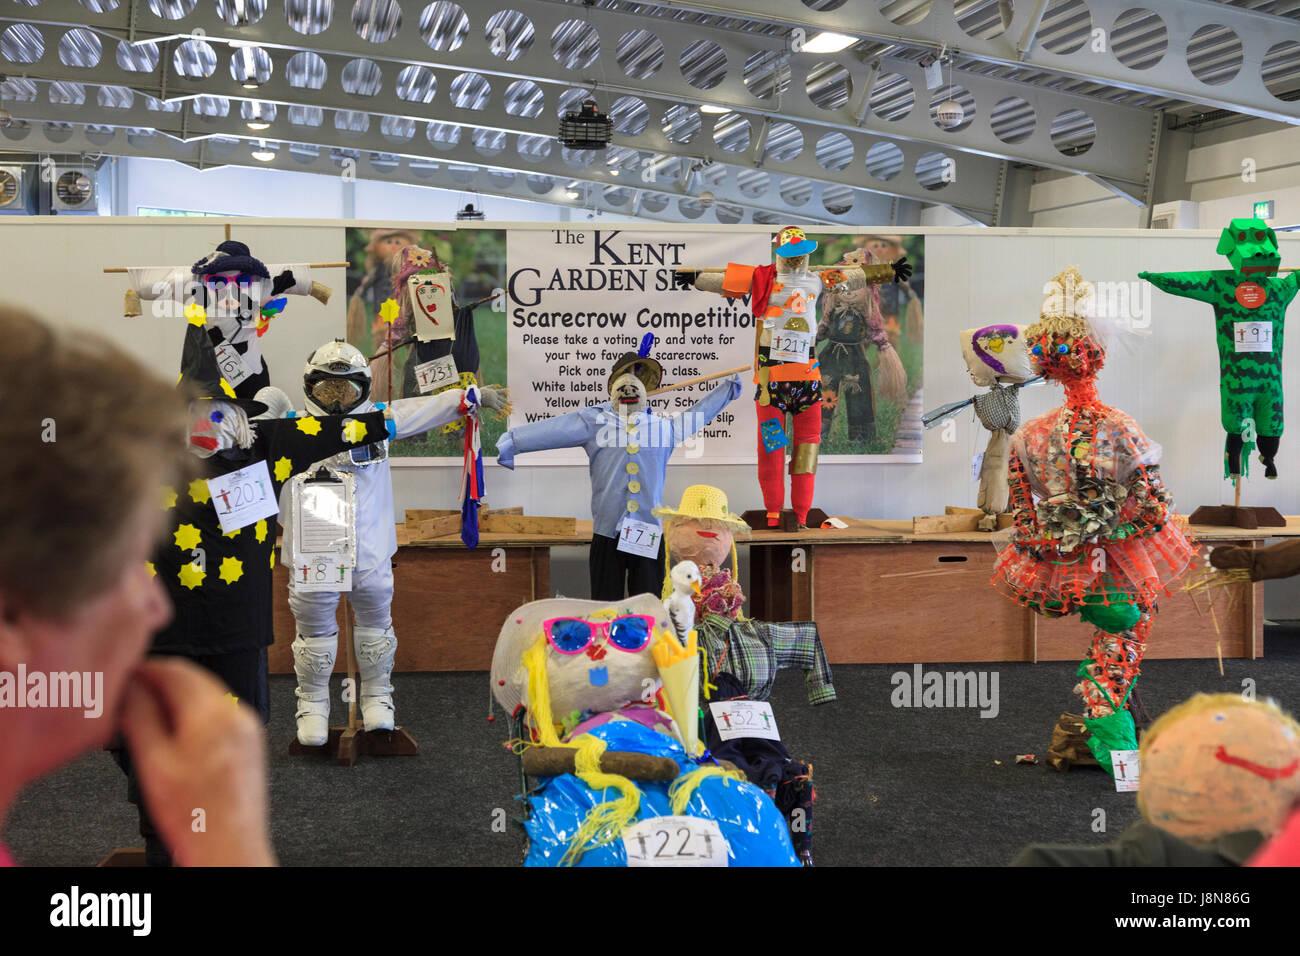 Detling, Kent, UK. 29 Mayo, 2017. Día 3 del Kent Garden Show en Detling con más de 300 expositores con una amplia variedad de productos en exhibición y para la venta. Crédito de la Foto: Paul Lawrenson /Alamy Live News Foto de stock